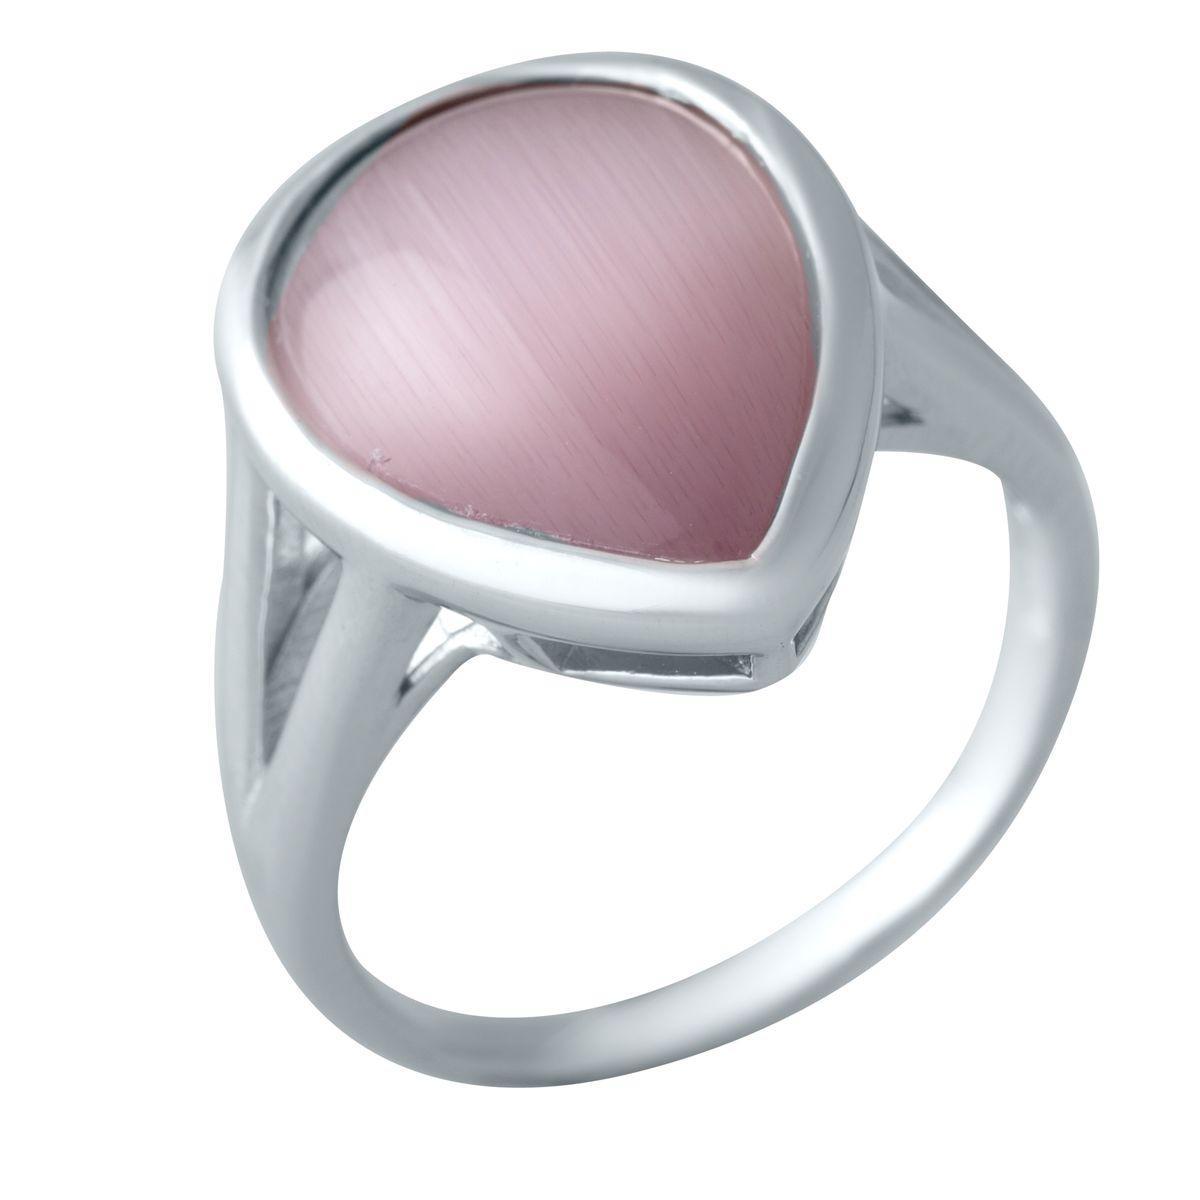 Серебряное кольцо DreamJewelry с кошачим глазом (2015956) 17 размер